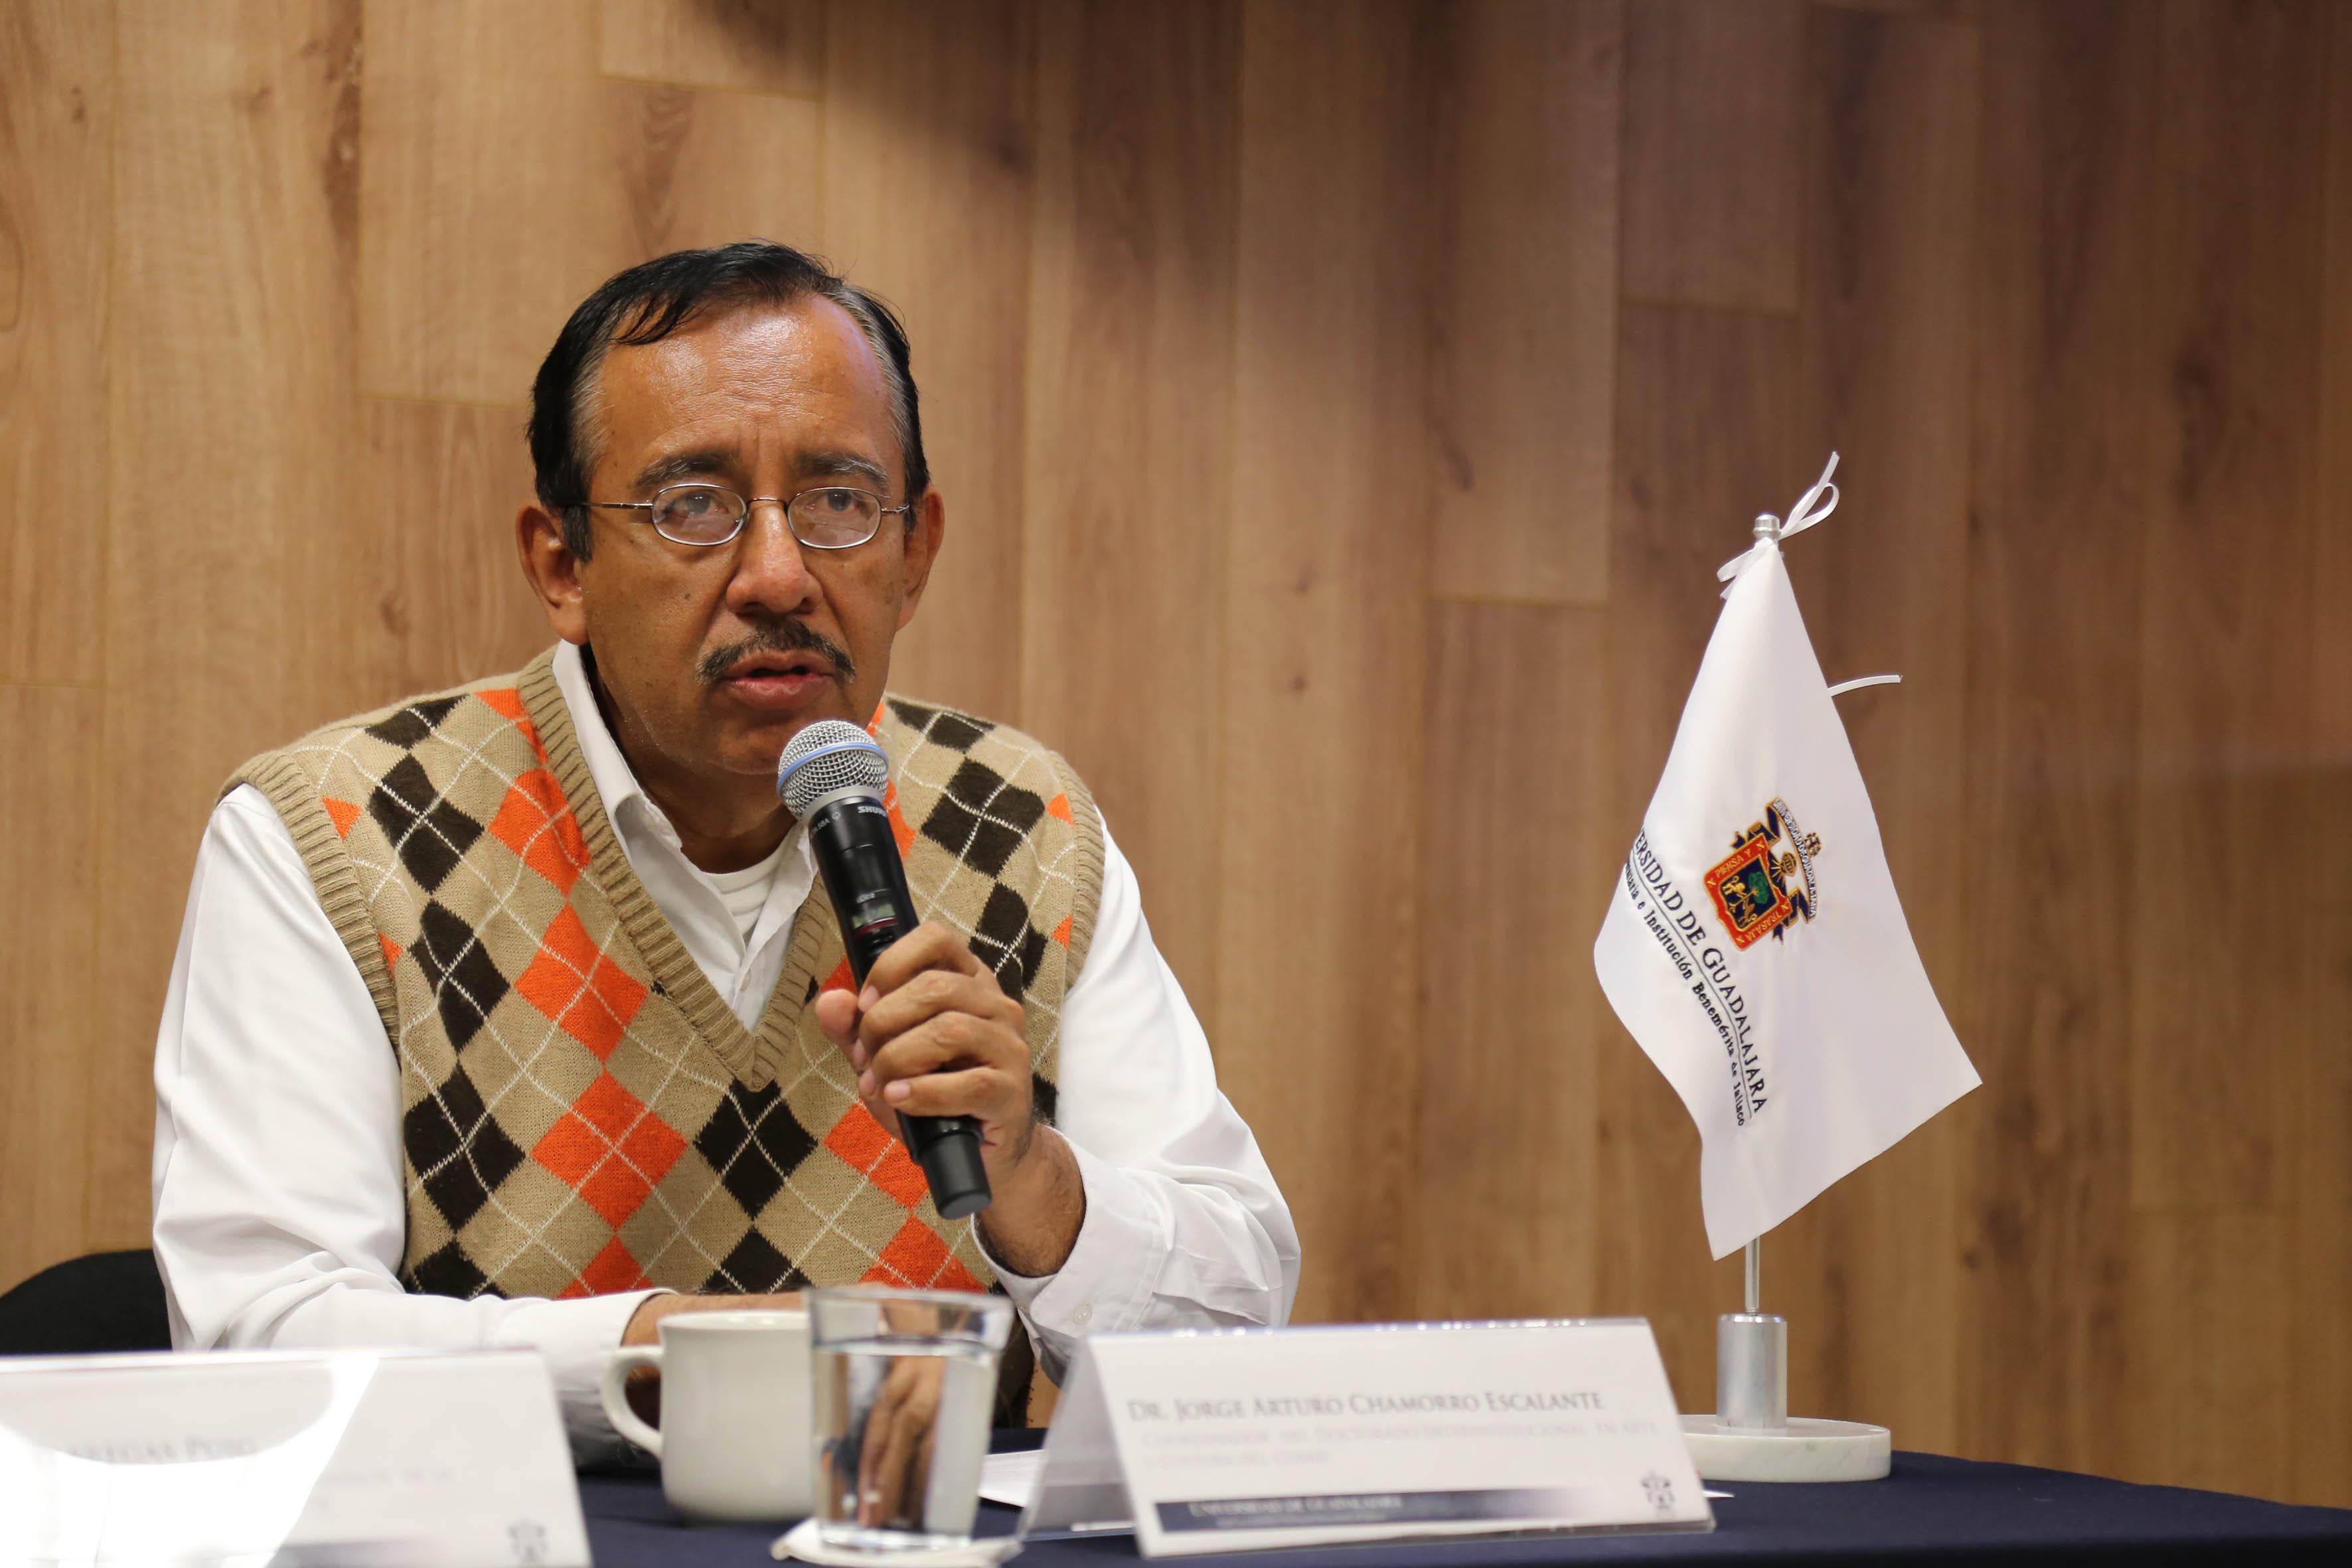 Dr. Jorge Arturo Chamorro Escalante, participando en el  Seminario Permanente de Estudios de la Gran Chichimeca (SEPECH)